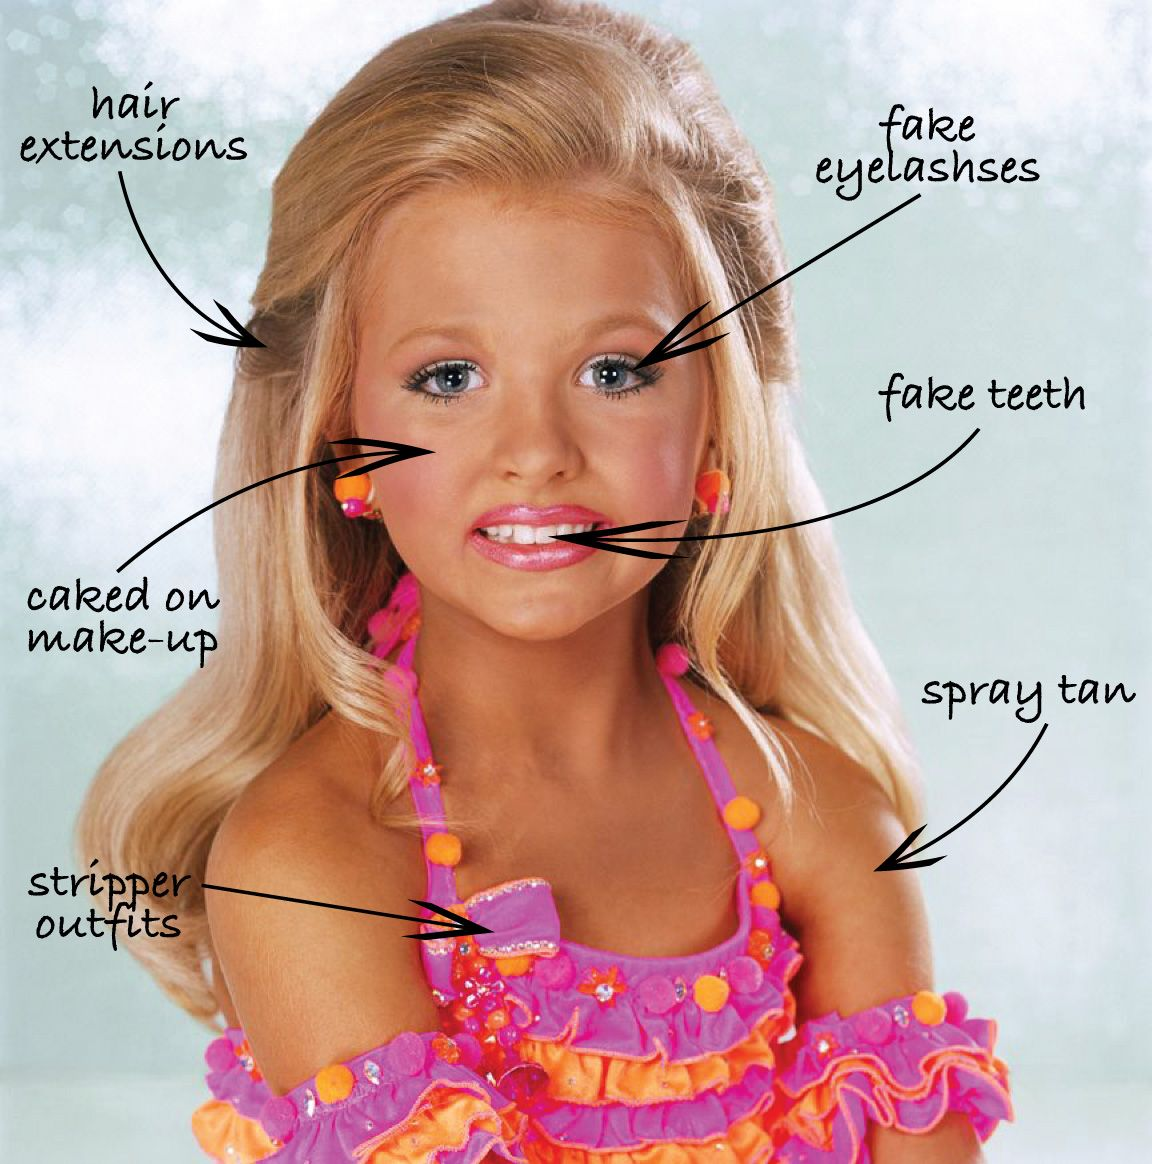 Young teen facial fake